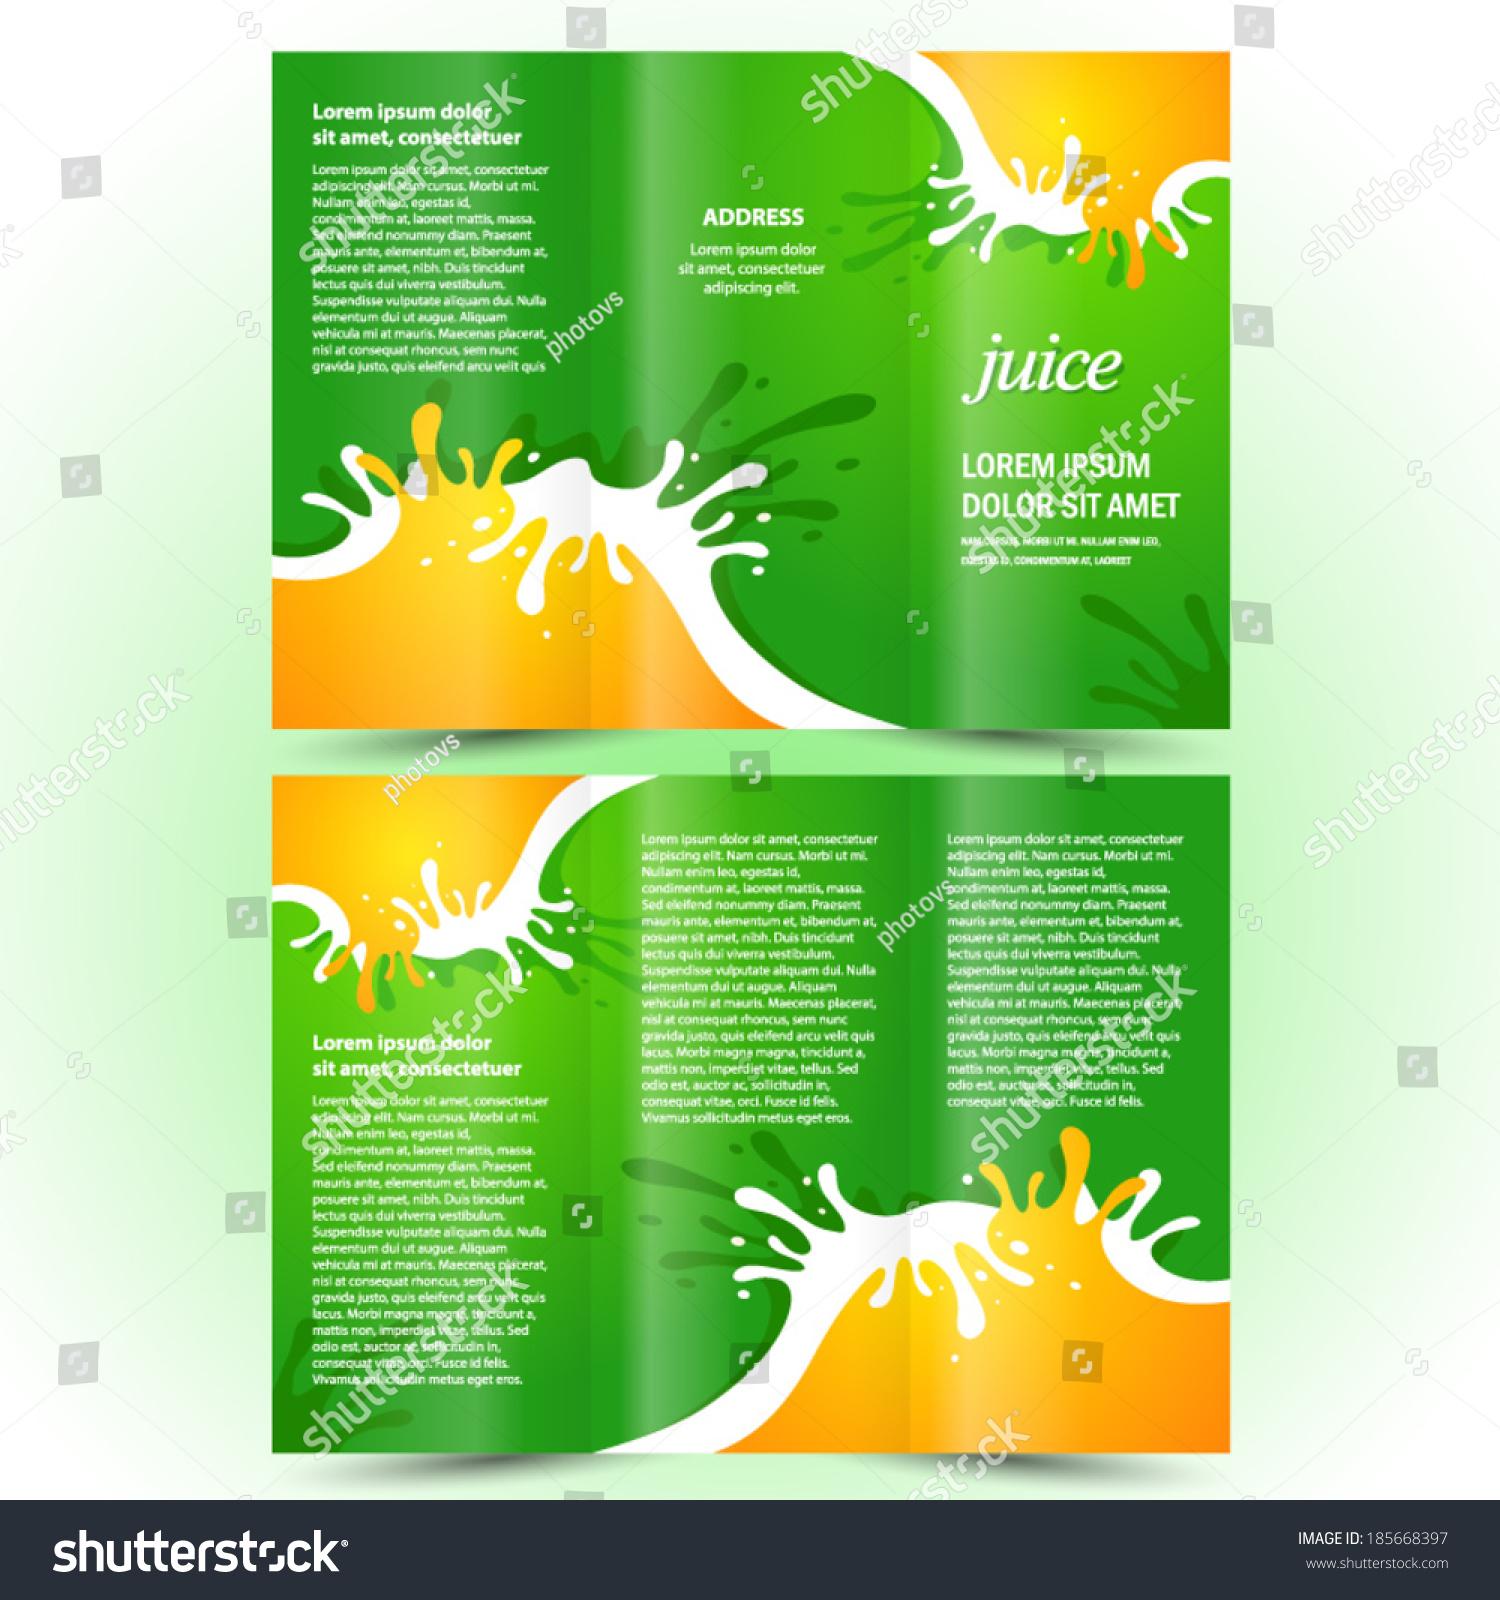 Juice Fruit Drops Liquid Orange Green Stock Vector 185668397 ...